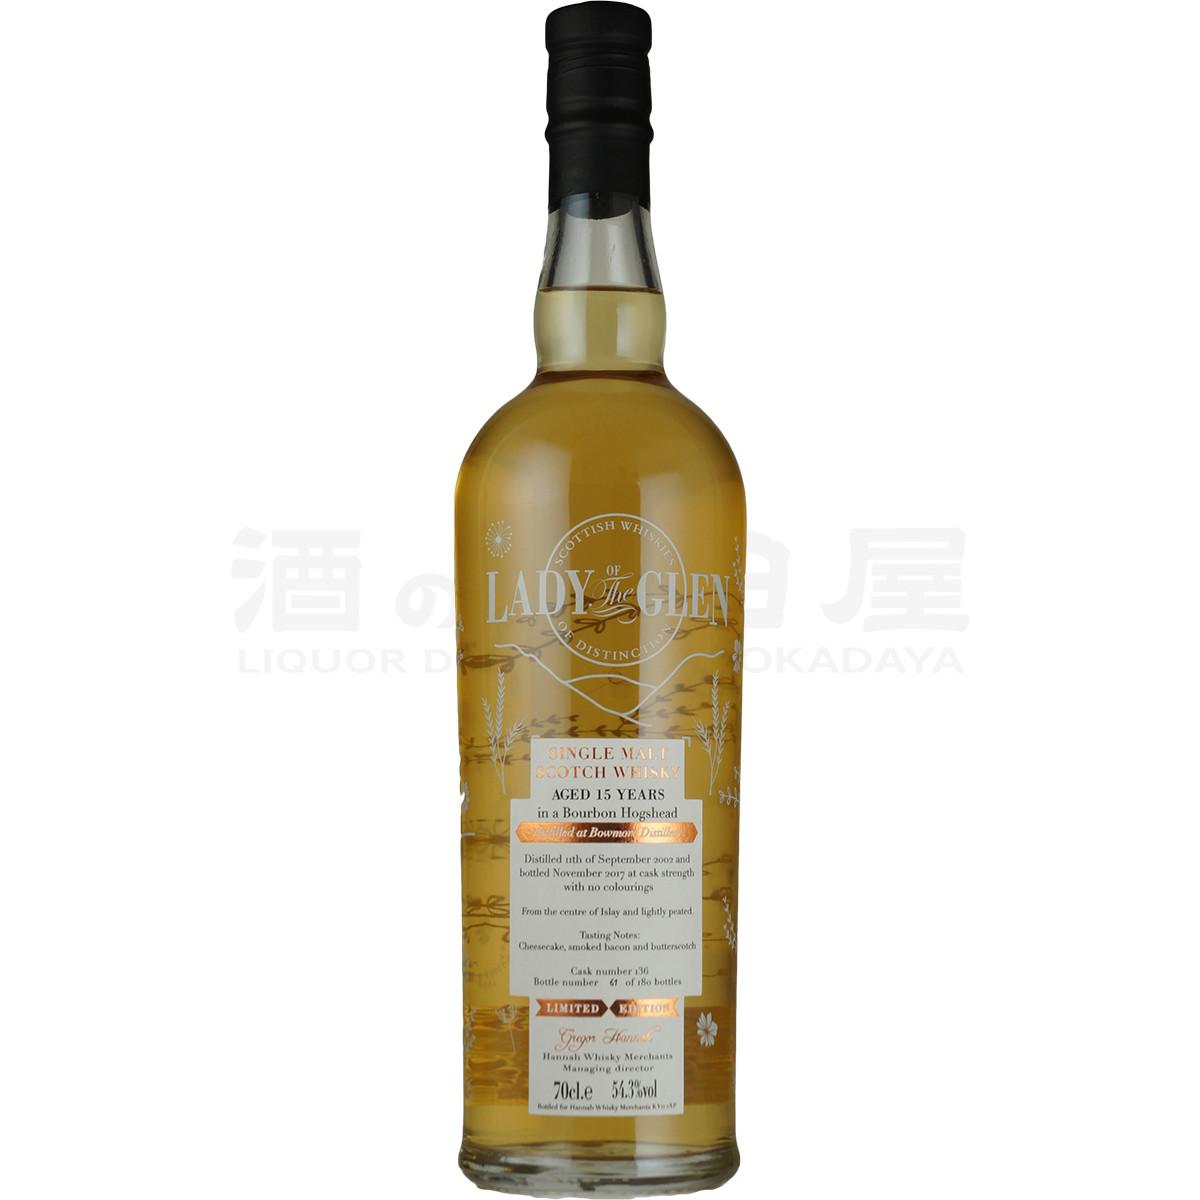 レディ オブ ザ グレン ボウモア2002 ウイスキー ウィスキー 贈り物 プレゼント 宅飲み 御歳暮 ハロウィン